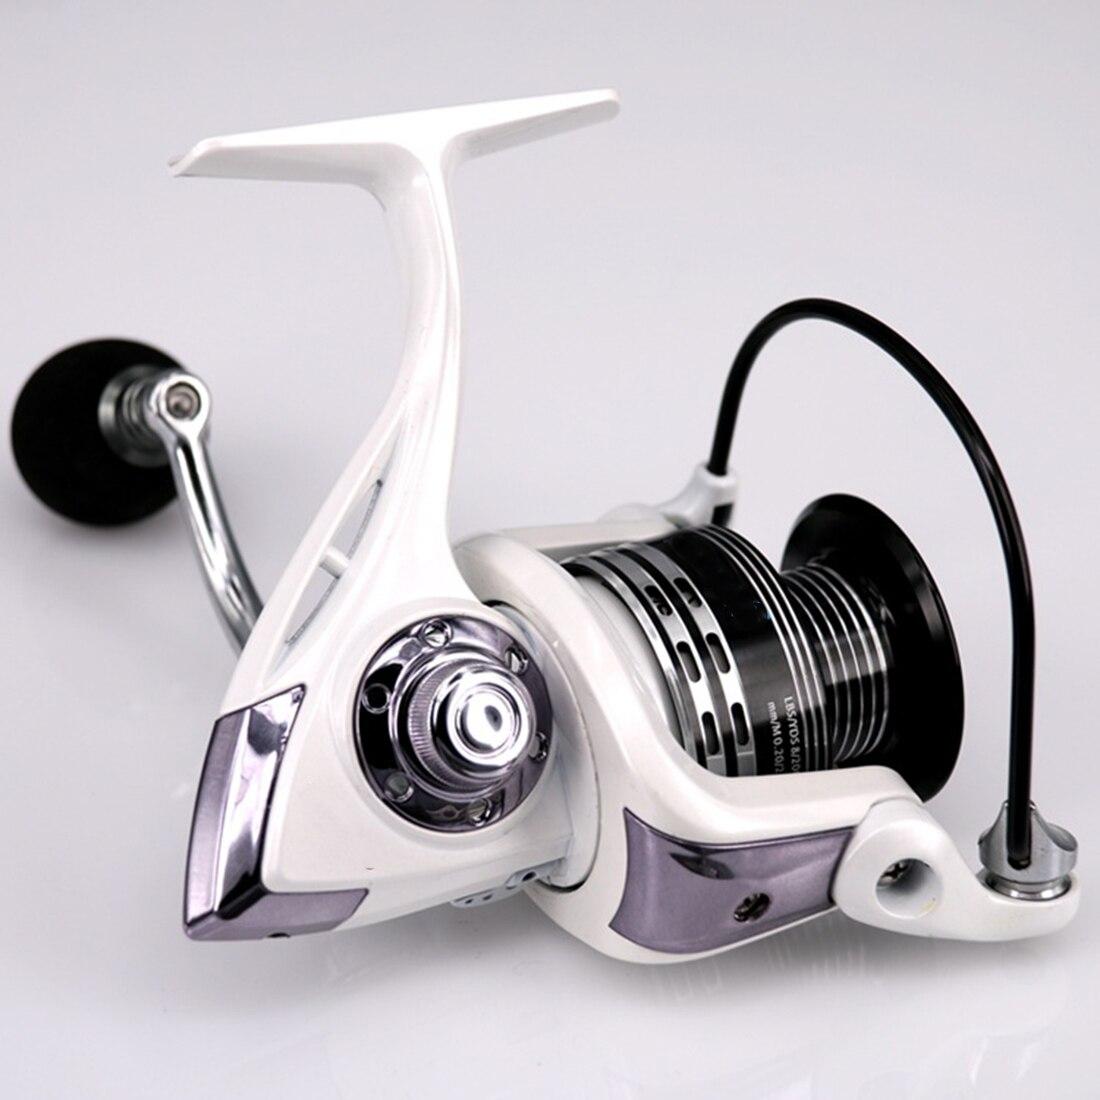 Carrete de pesca 10 + 1BB Carrete de aleación de aluminio Carrete de - Pescando